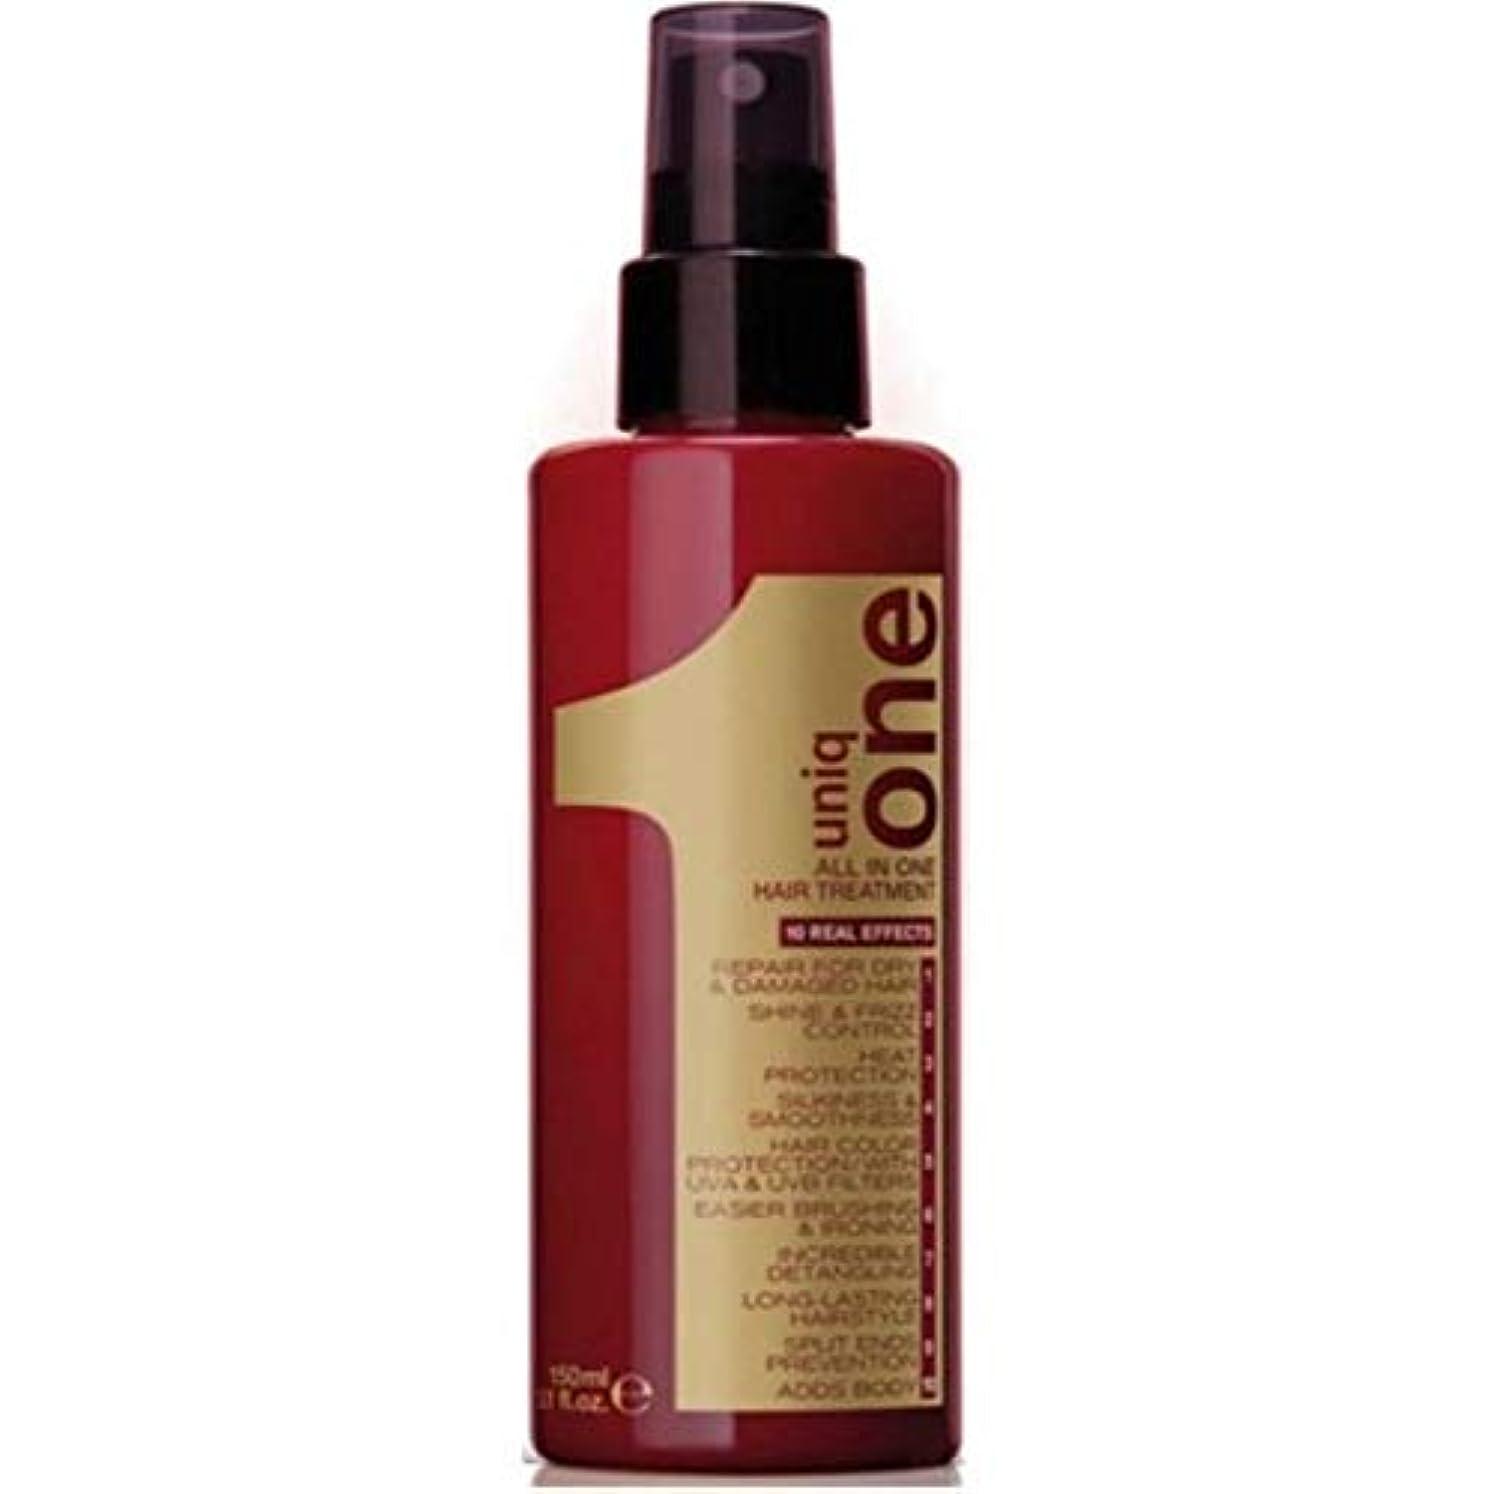 予知ルアー抽象Uniq One Revlon All In One Hair Treatment 5.1Oz. - New Original by Uniq One by Uniq One